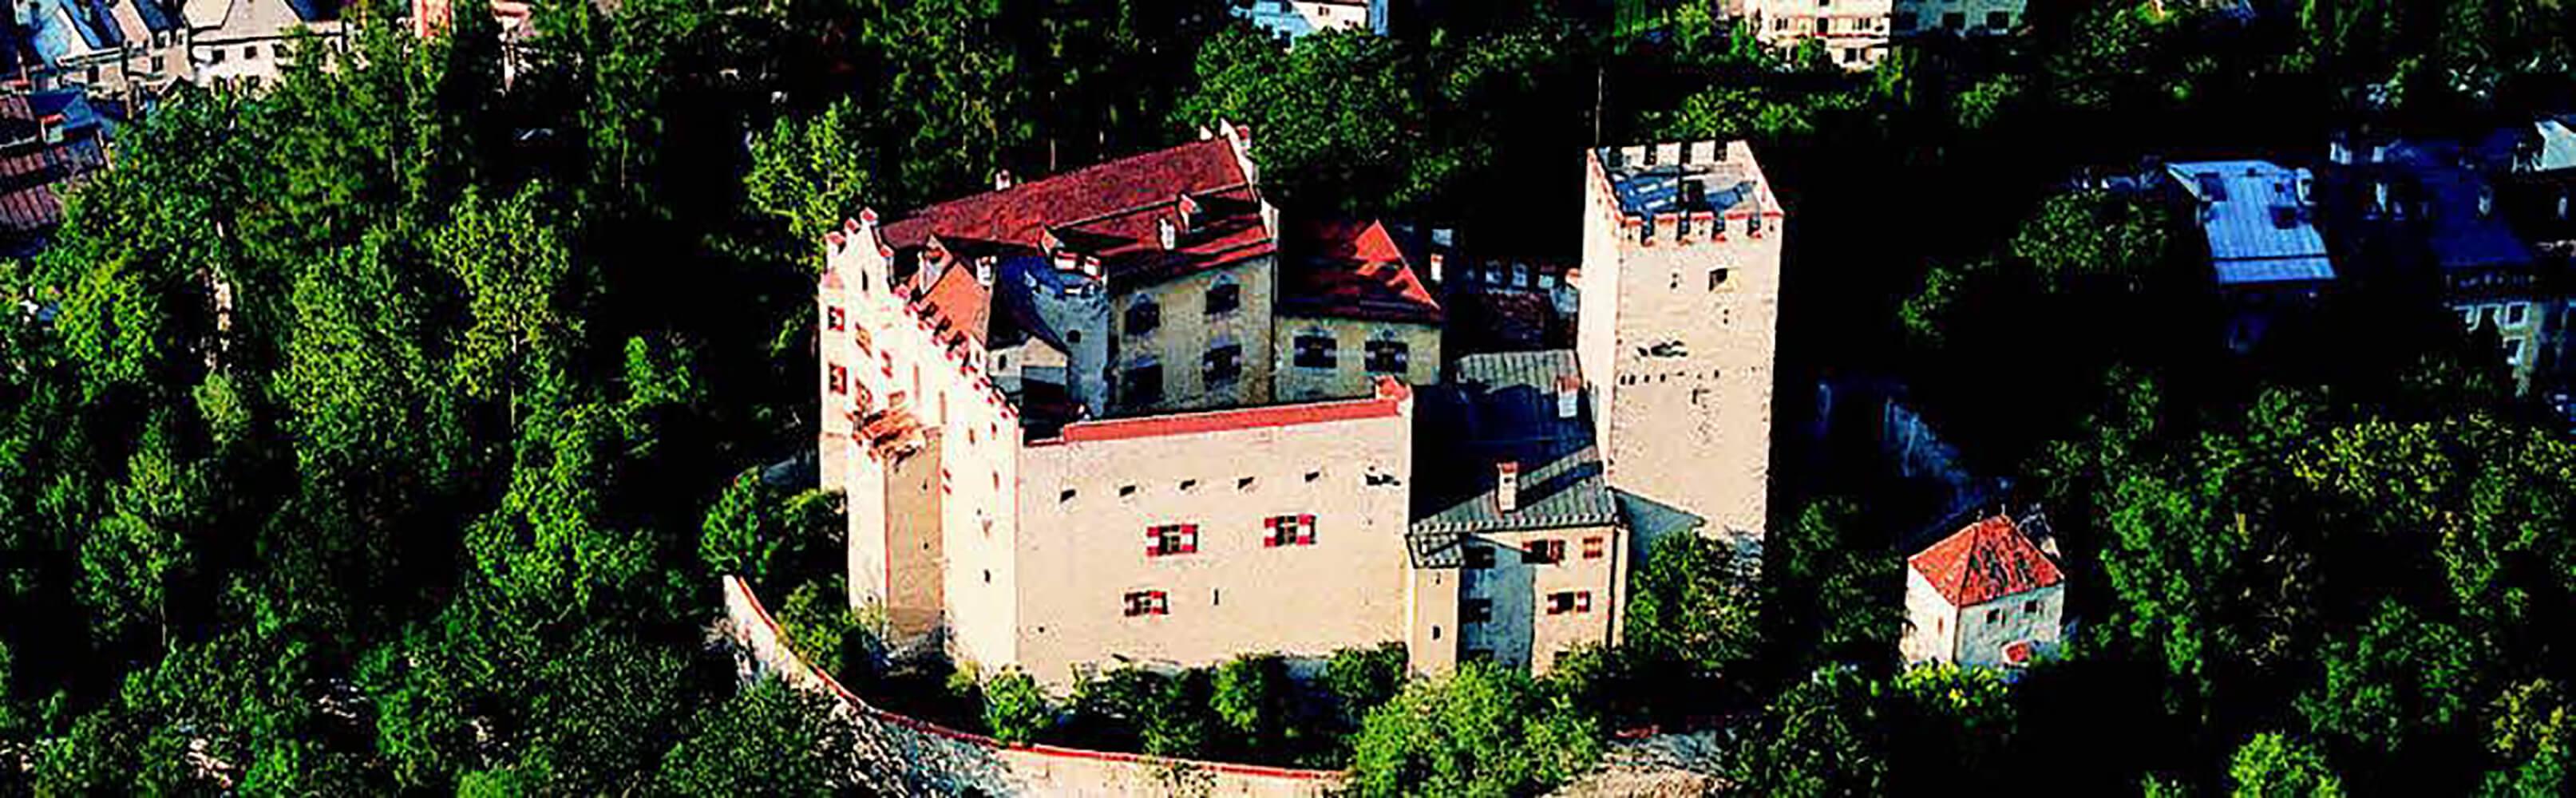 Das Messner Mountain Museum Ripa auf Schloss Bruneck 1